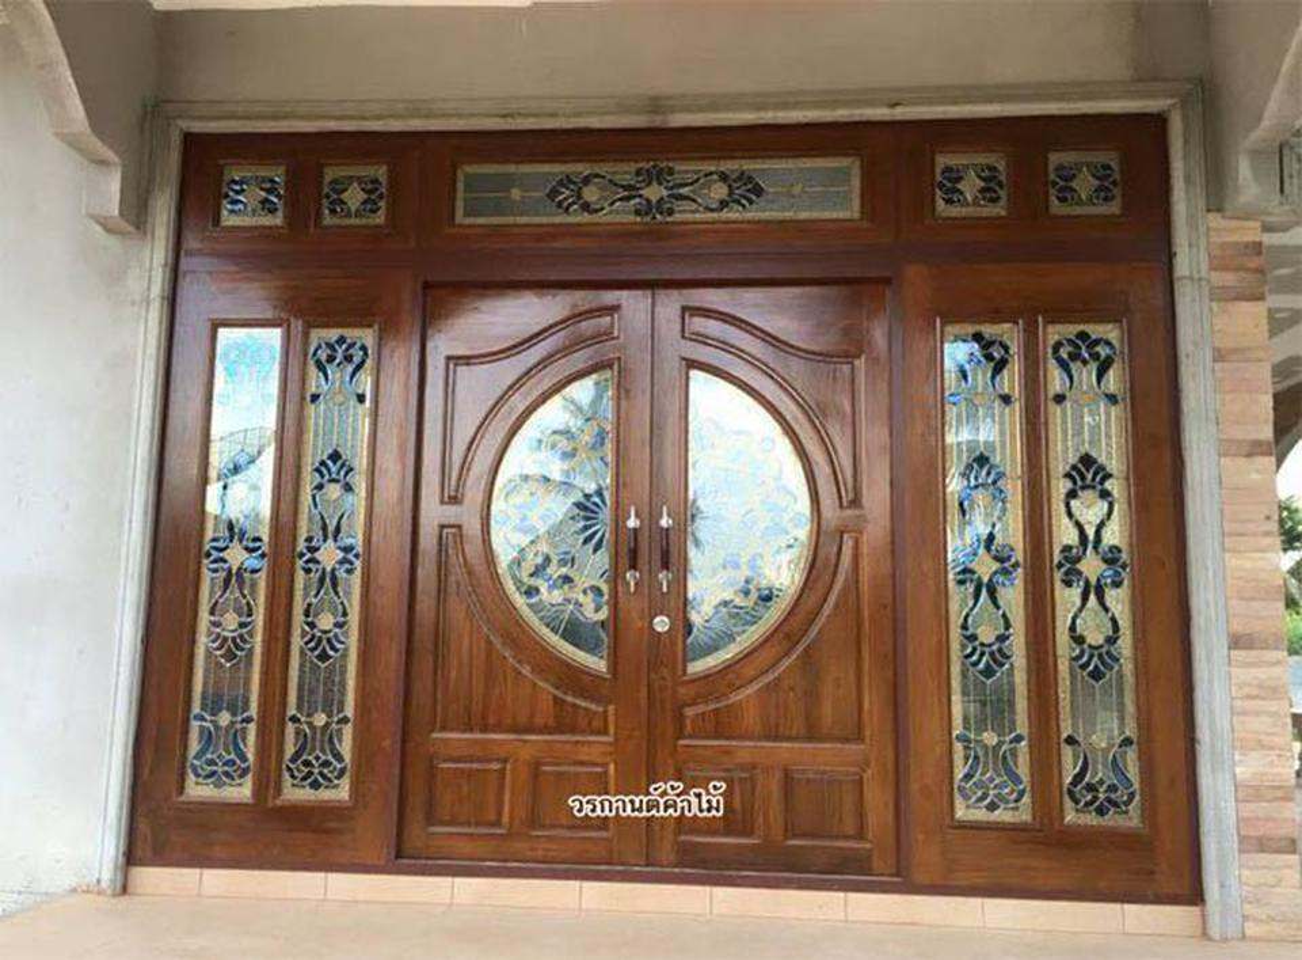 ประตูไม้สัก,ประตูไม้สักกระจกนิรภัย www.door-woodhome.com ร้านวรกานต์ค้าไม้ รูปที่ 4